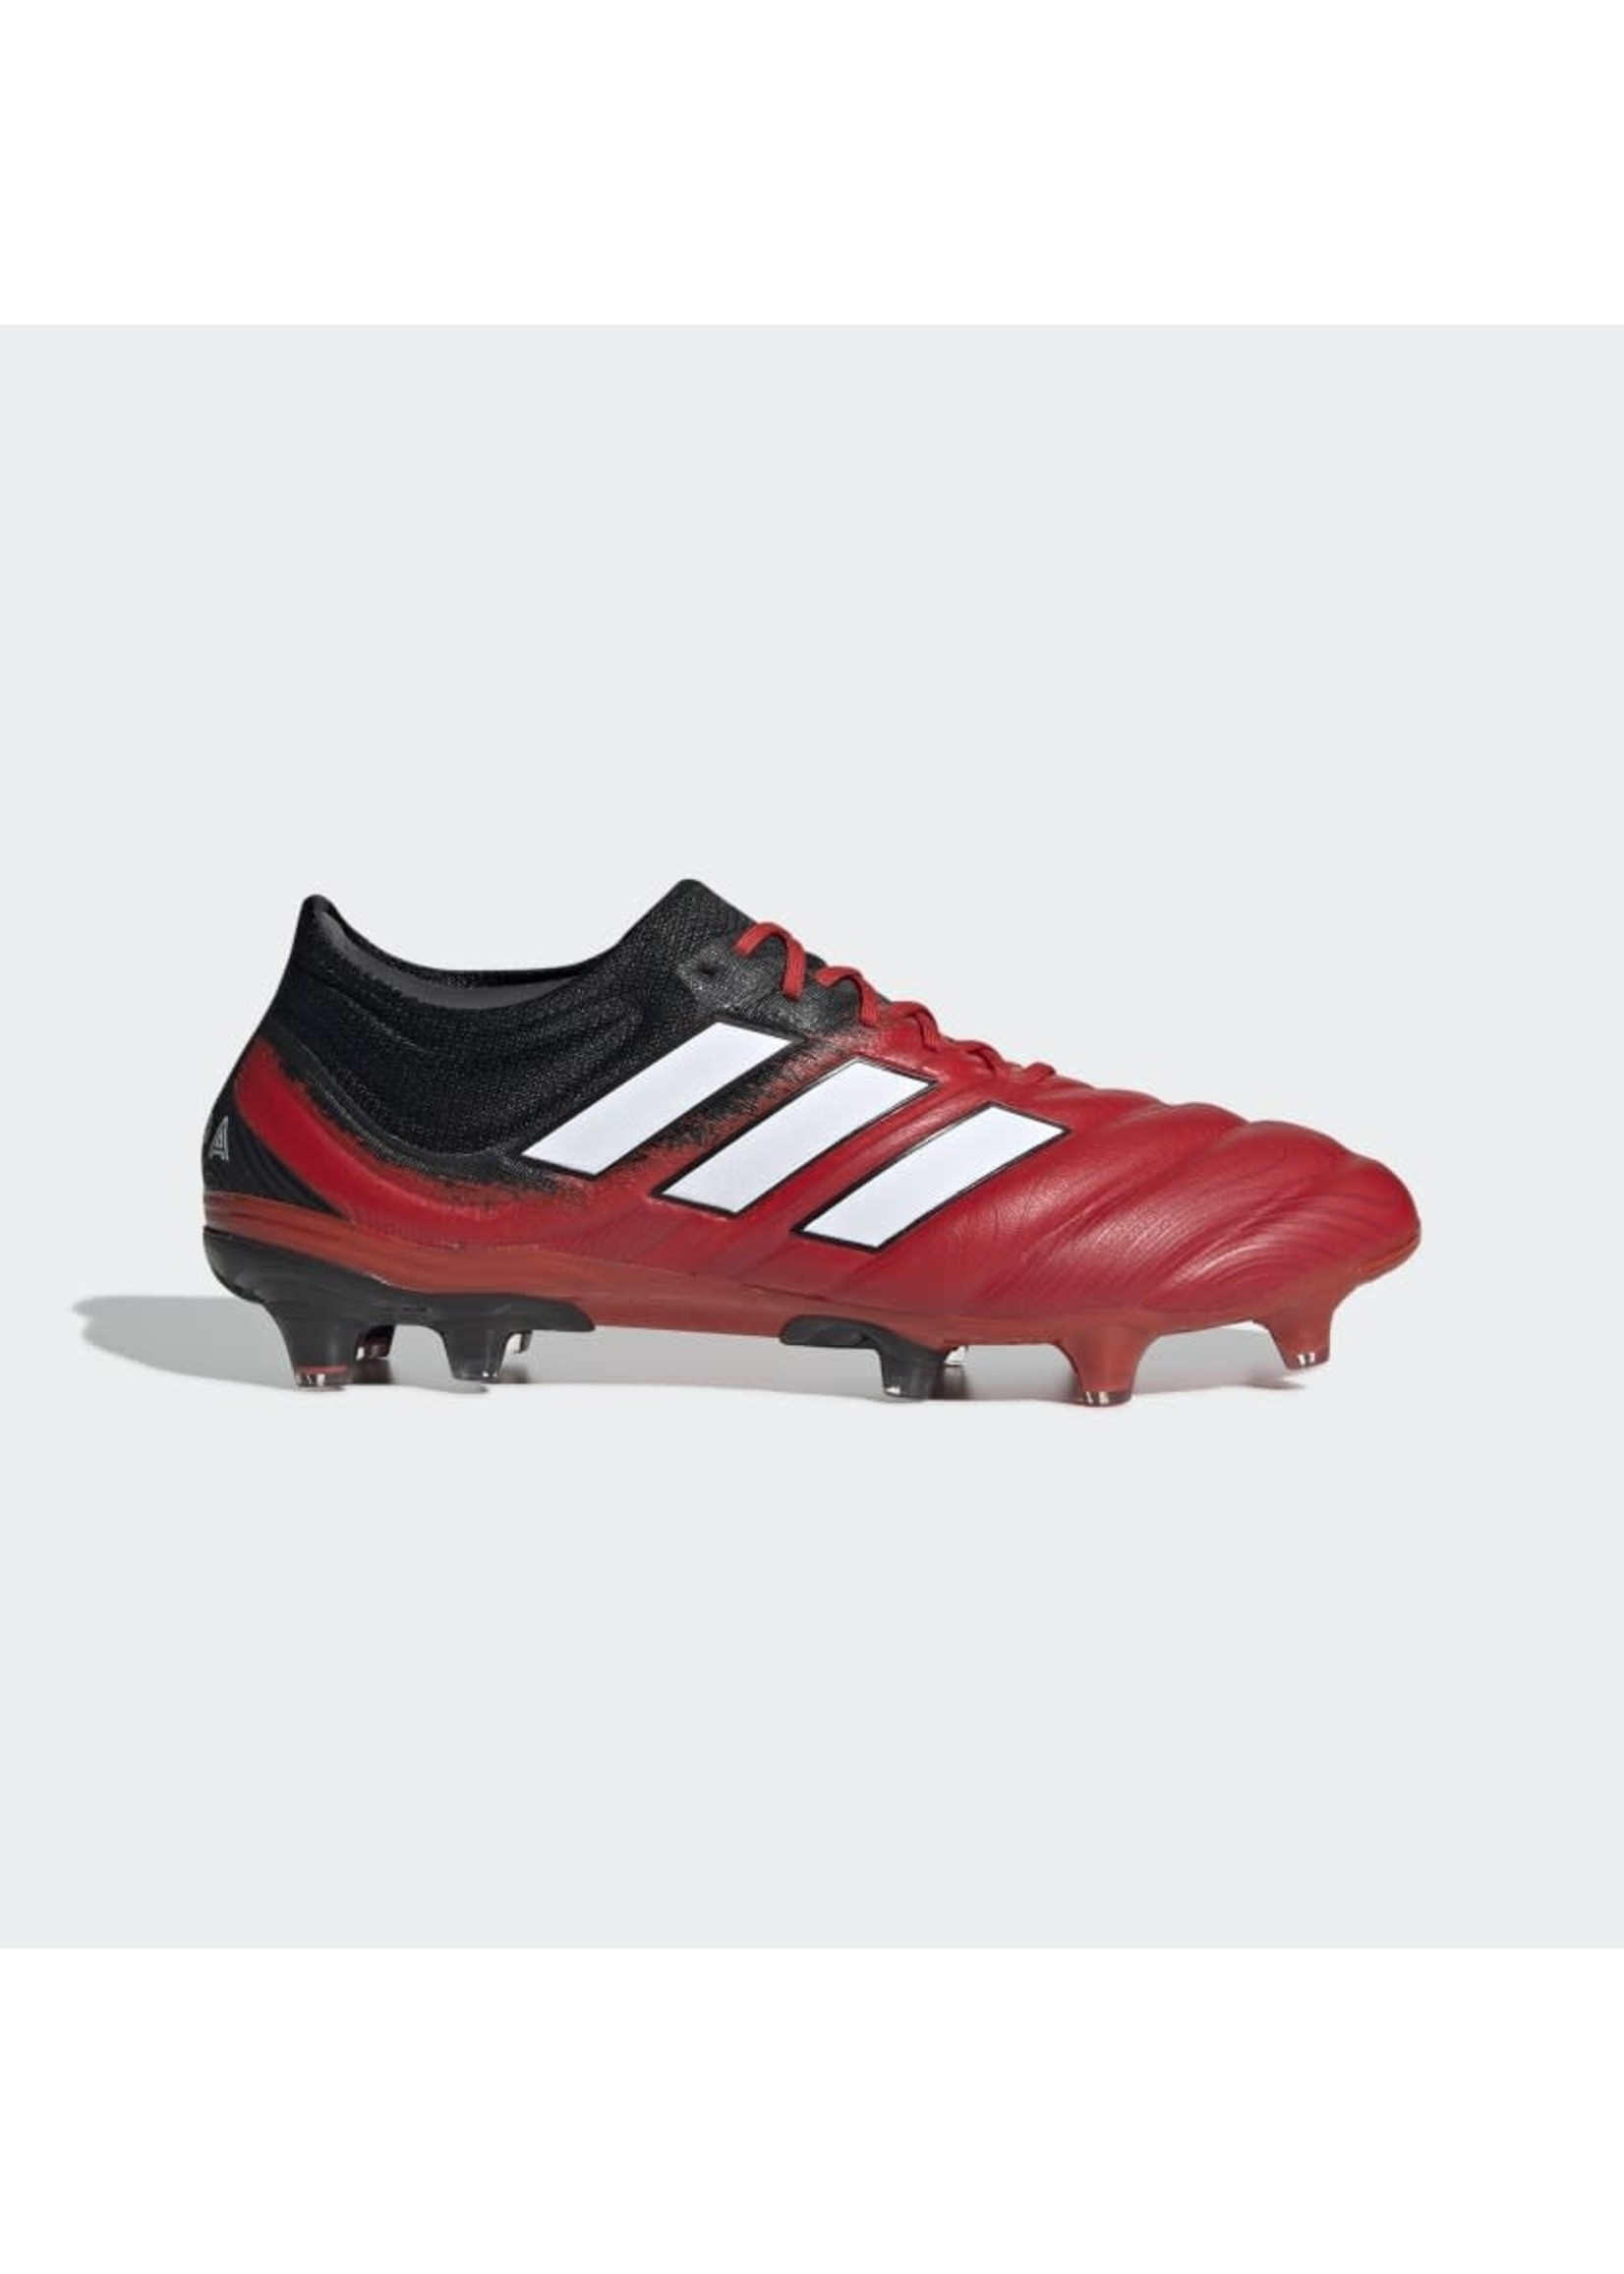 Adidas Copa 20.1 FG - Red/Black